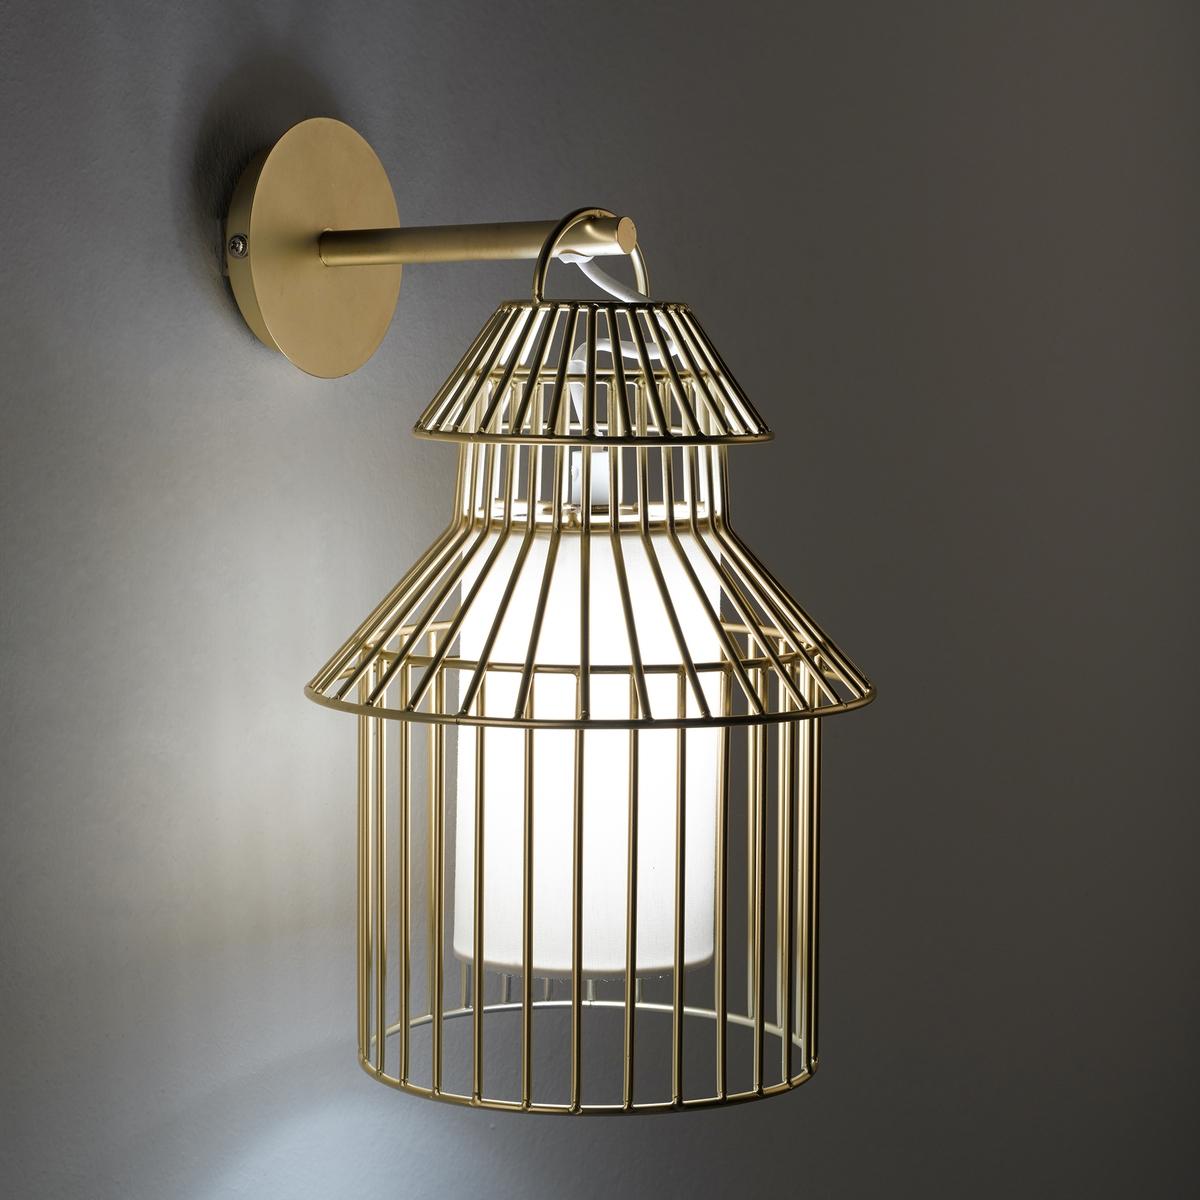 Бра в форме птичьей клетки, CuicuicuiХарактеристики : - Проволочный каркас из металла с покрытием эпоксидной краской золотистого цвета- Оборудован защитными экранами, предохраняющими ребенка от контакта с лампой- Патрон G9 для лампы макс. 18 Вт (продается отдельно)- Совместим с лампами класса энергопотребления AРазмеры : - Ш.22 x В.33 x Г.19 см<br><br>Цвет: металл